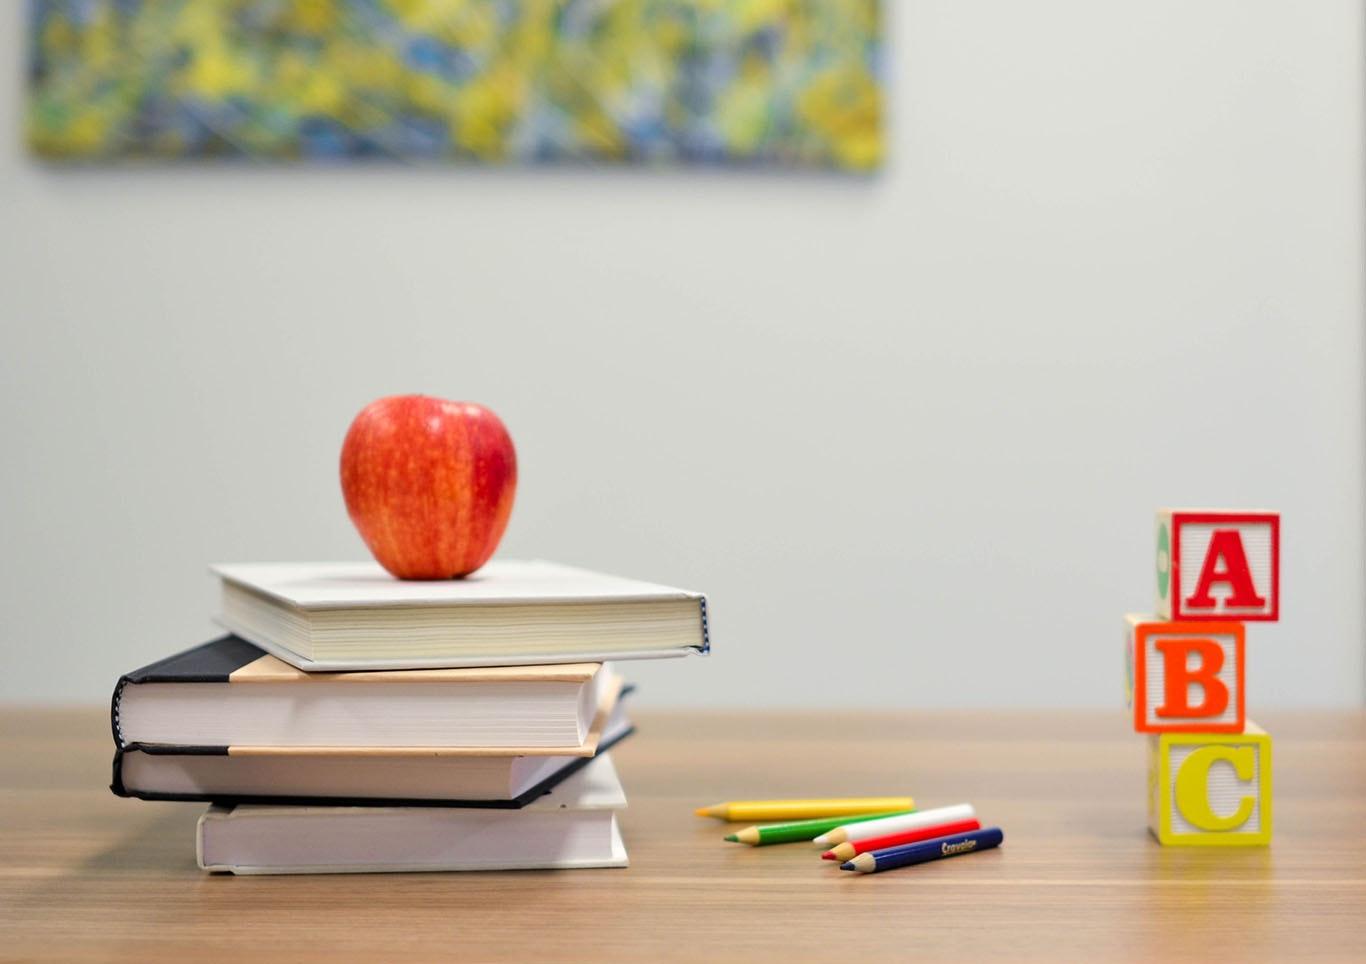 Comment devenir infopreneur et vendre ses formations en ligne ?